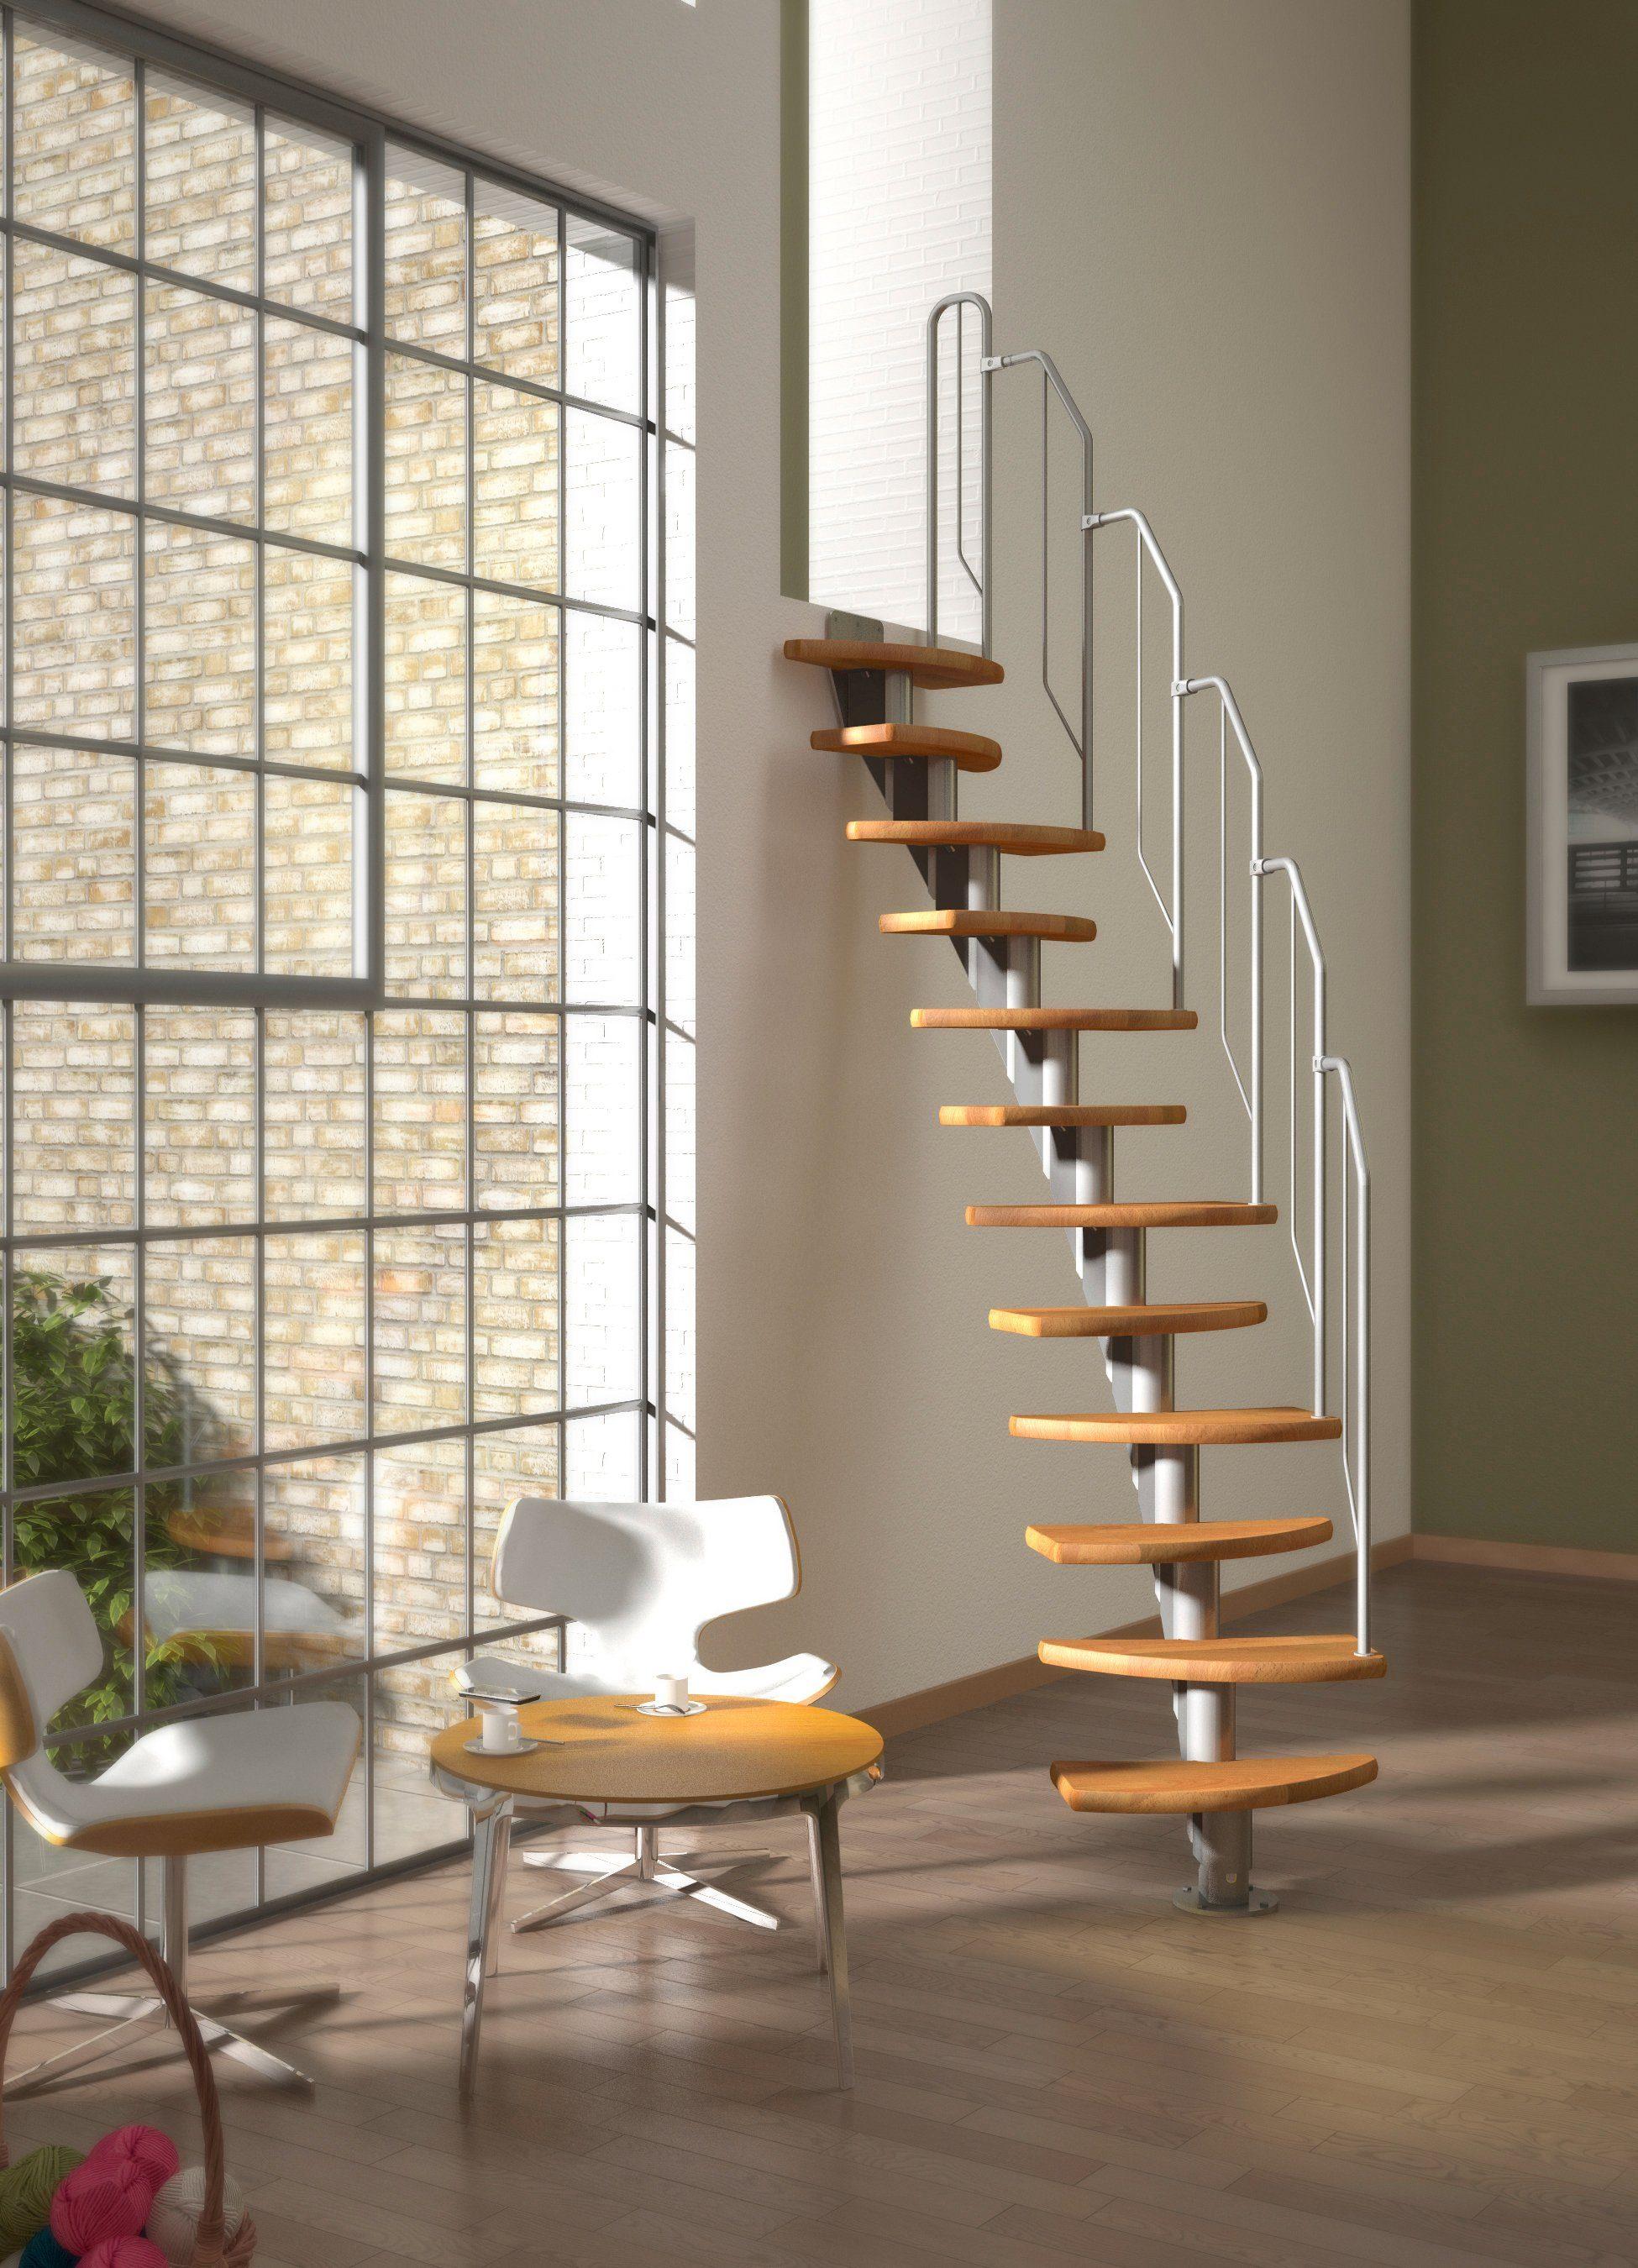 DOLLE Systemtreppe »Berlin«, Metallgeländer und -handlauf, Buche, BxH: 64x292 cm